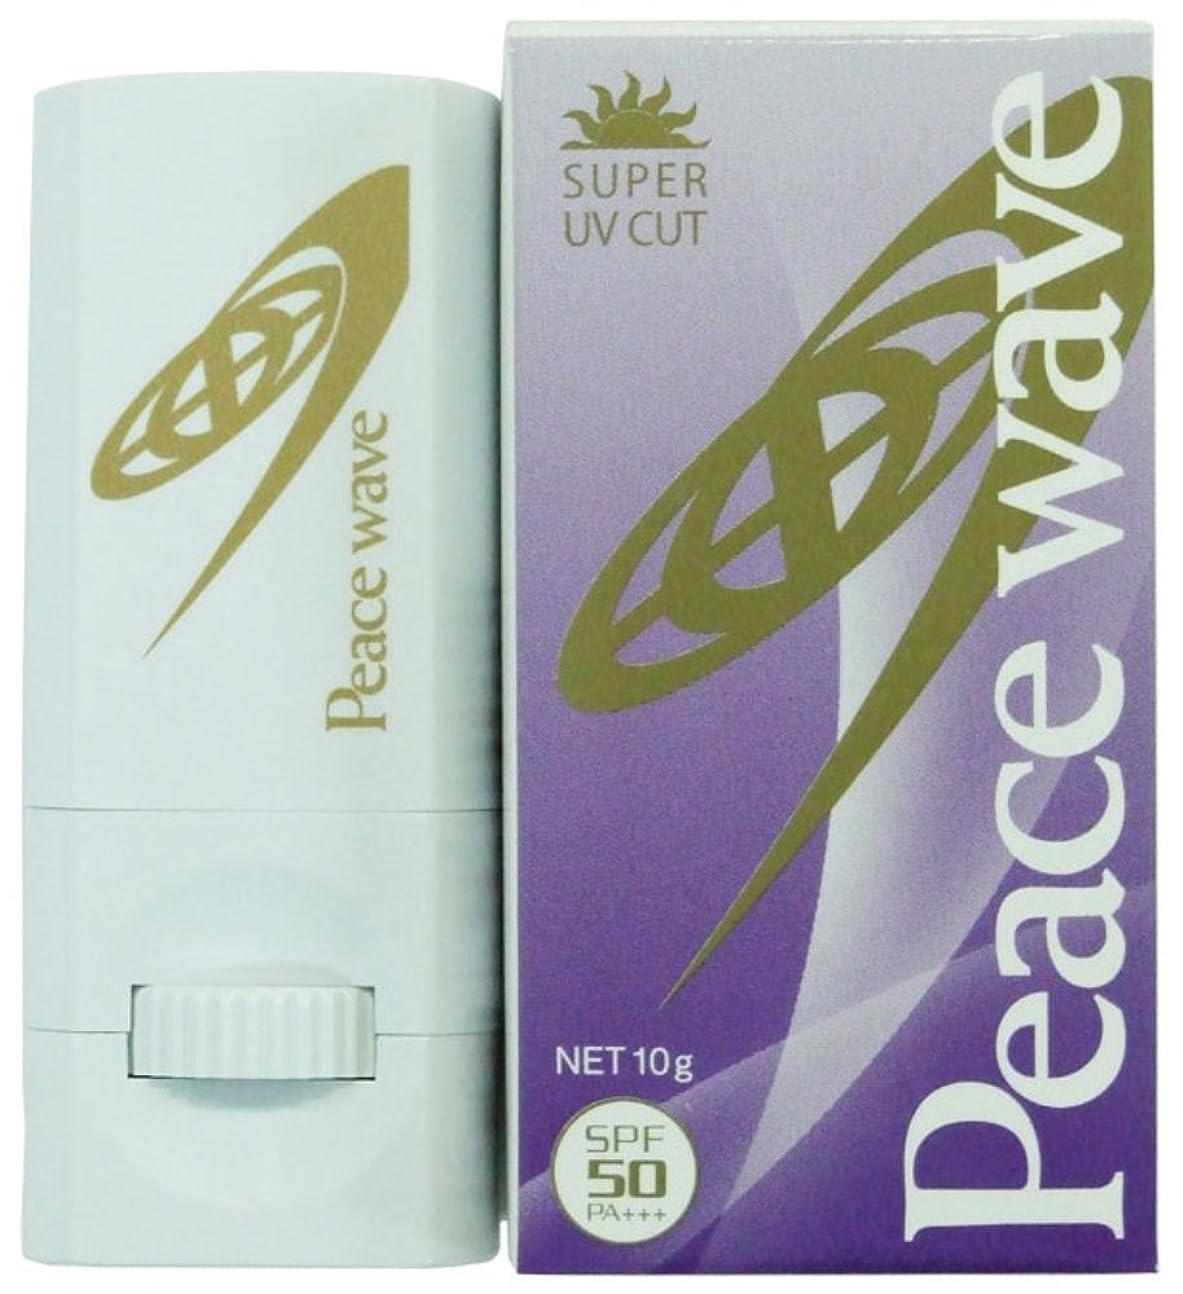 騒ぎアクティビティ接触PEACE WAVE 日焼け止め UVフェイススティック SPF50 PA+++ ホワイト 10g 580250